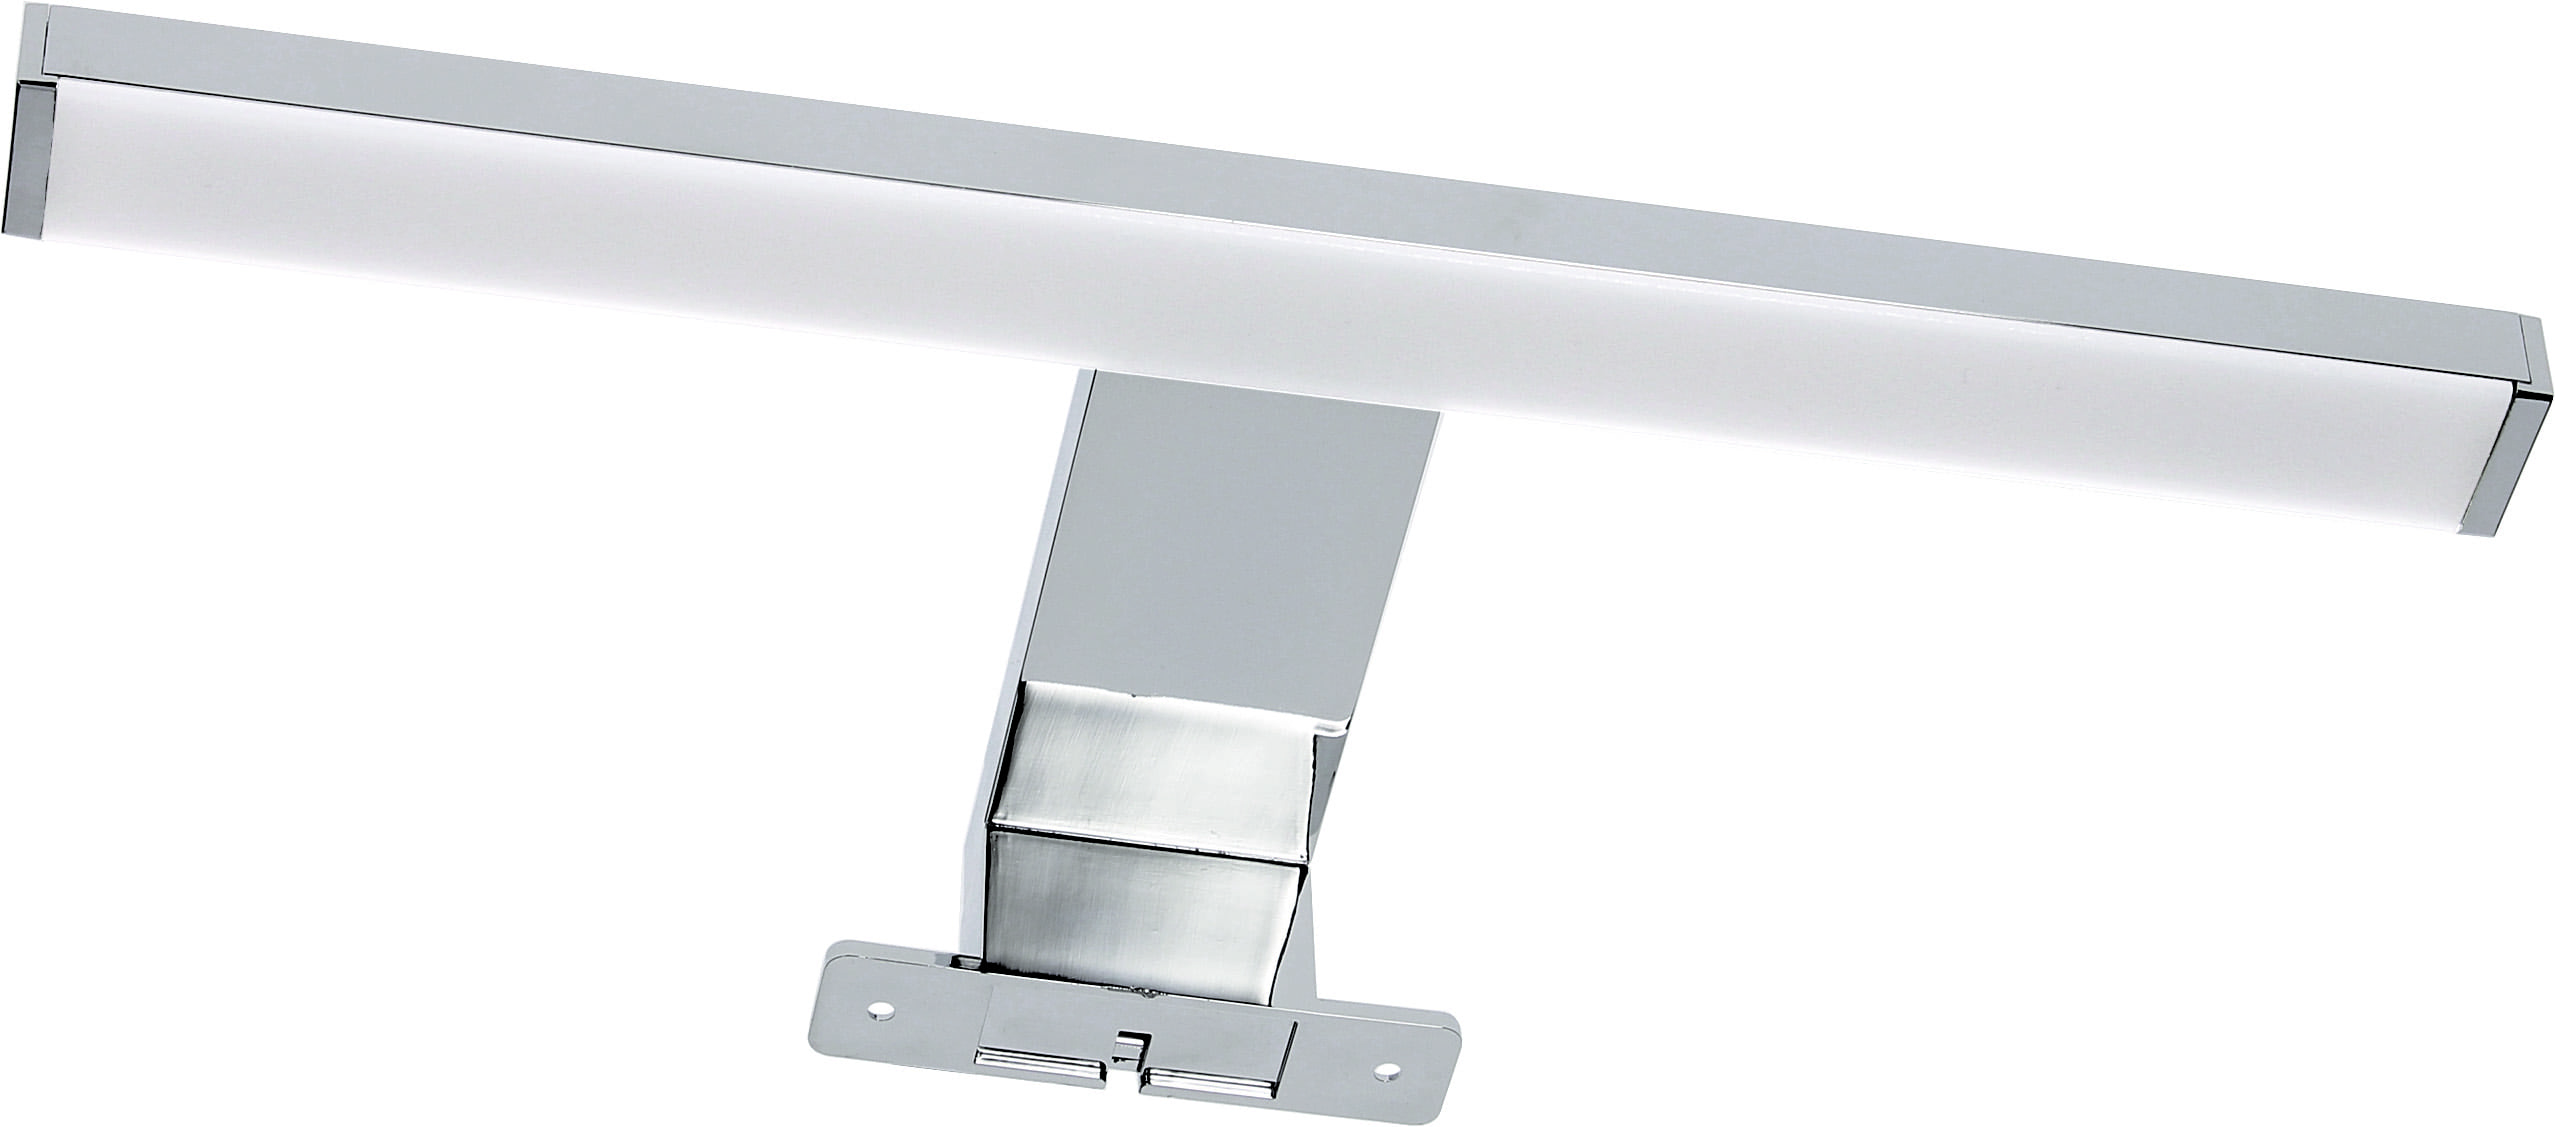 Nástěnná lampa Mega chrom LED 7W